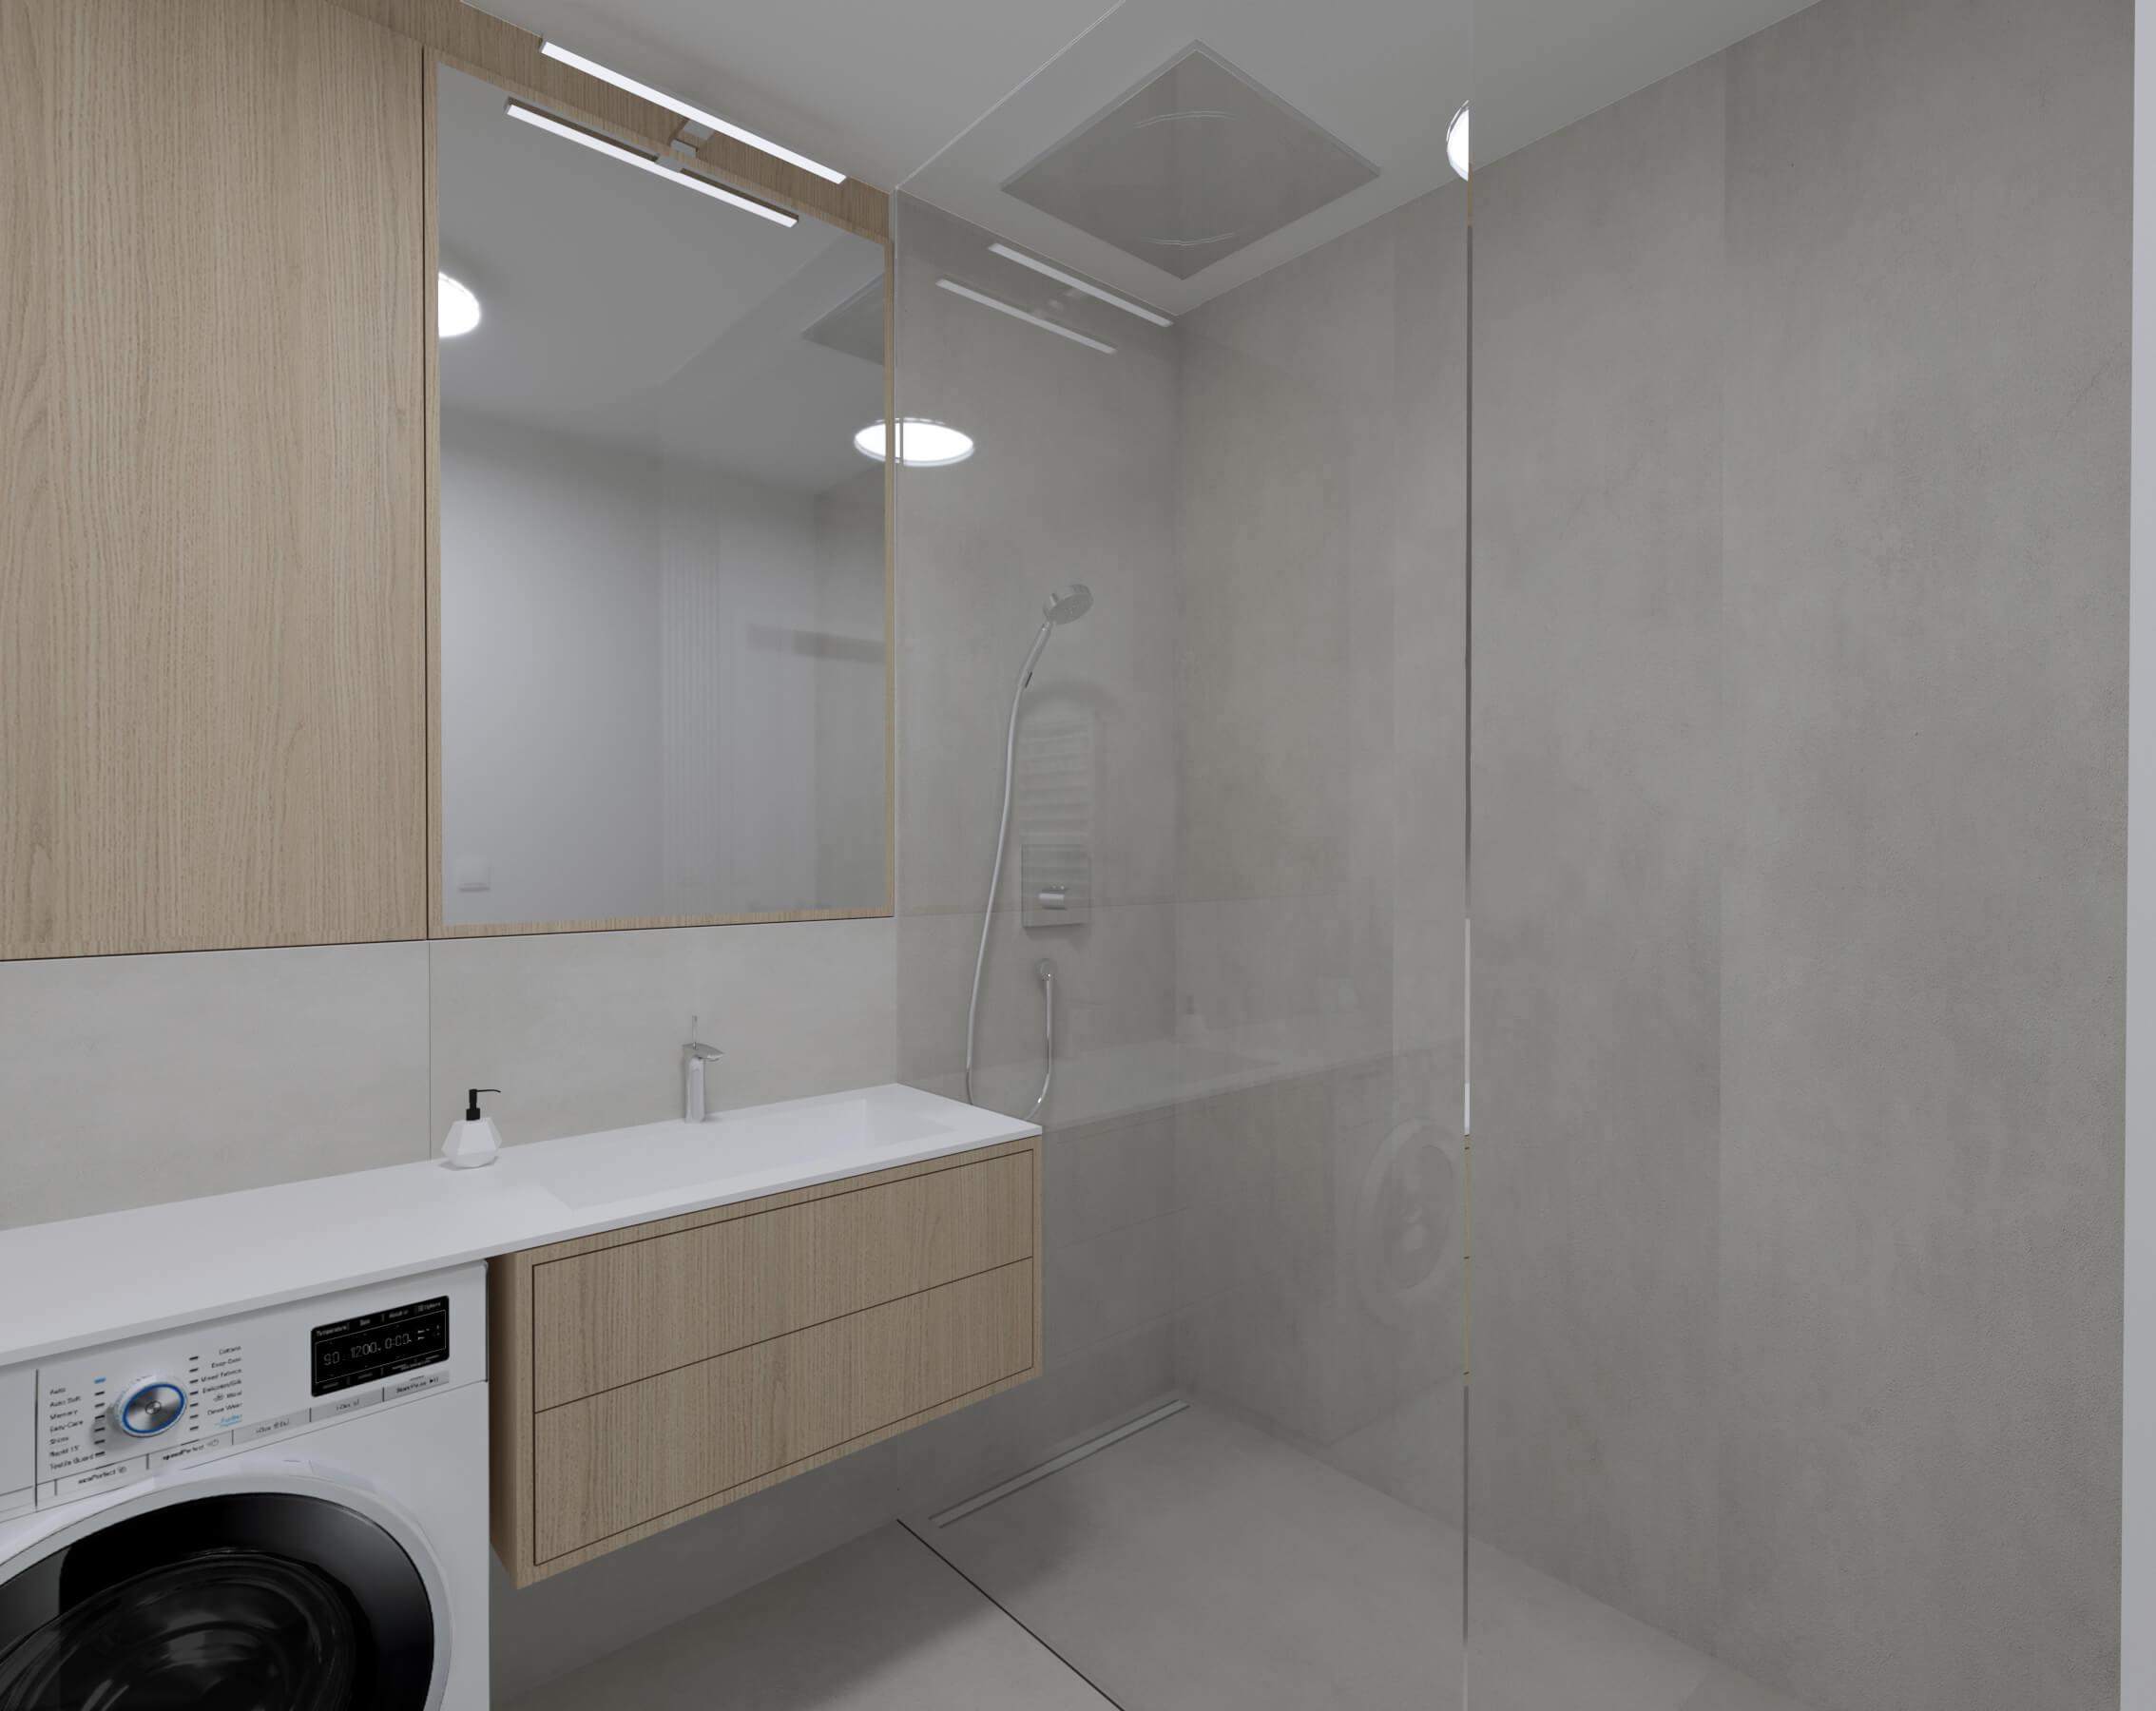 interierovy dizajn kúpeľňa - projekt, vizualizácia